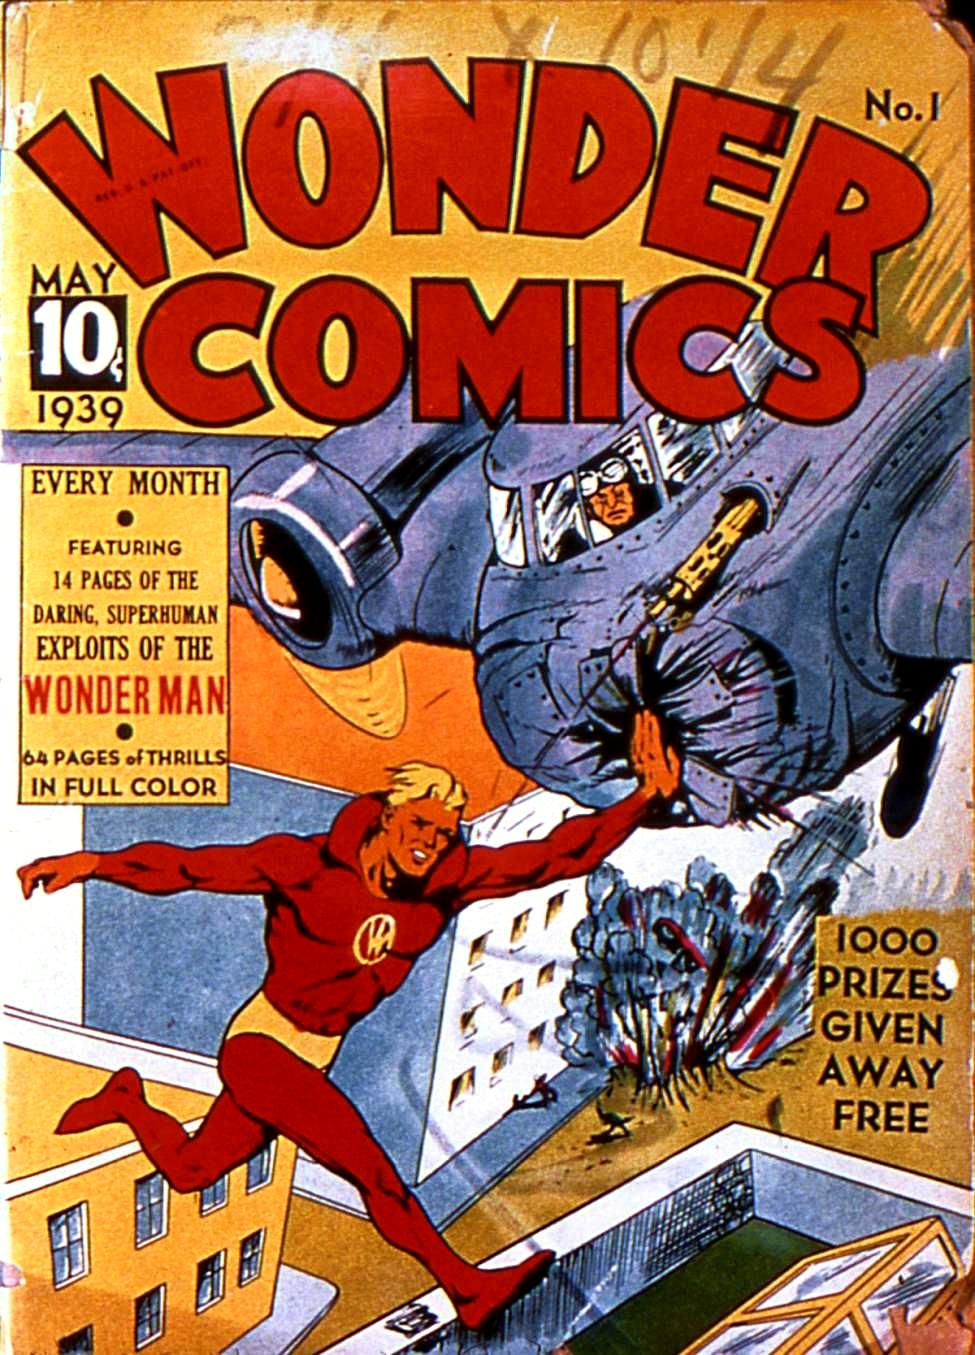 Wonder_Comics_1_Fox.jpg